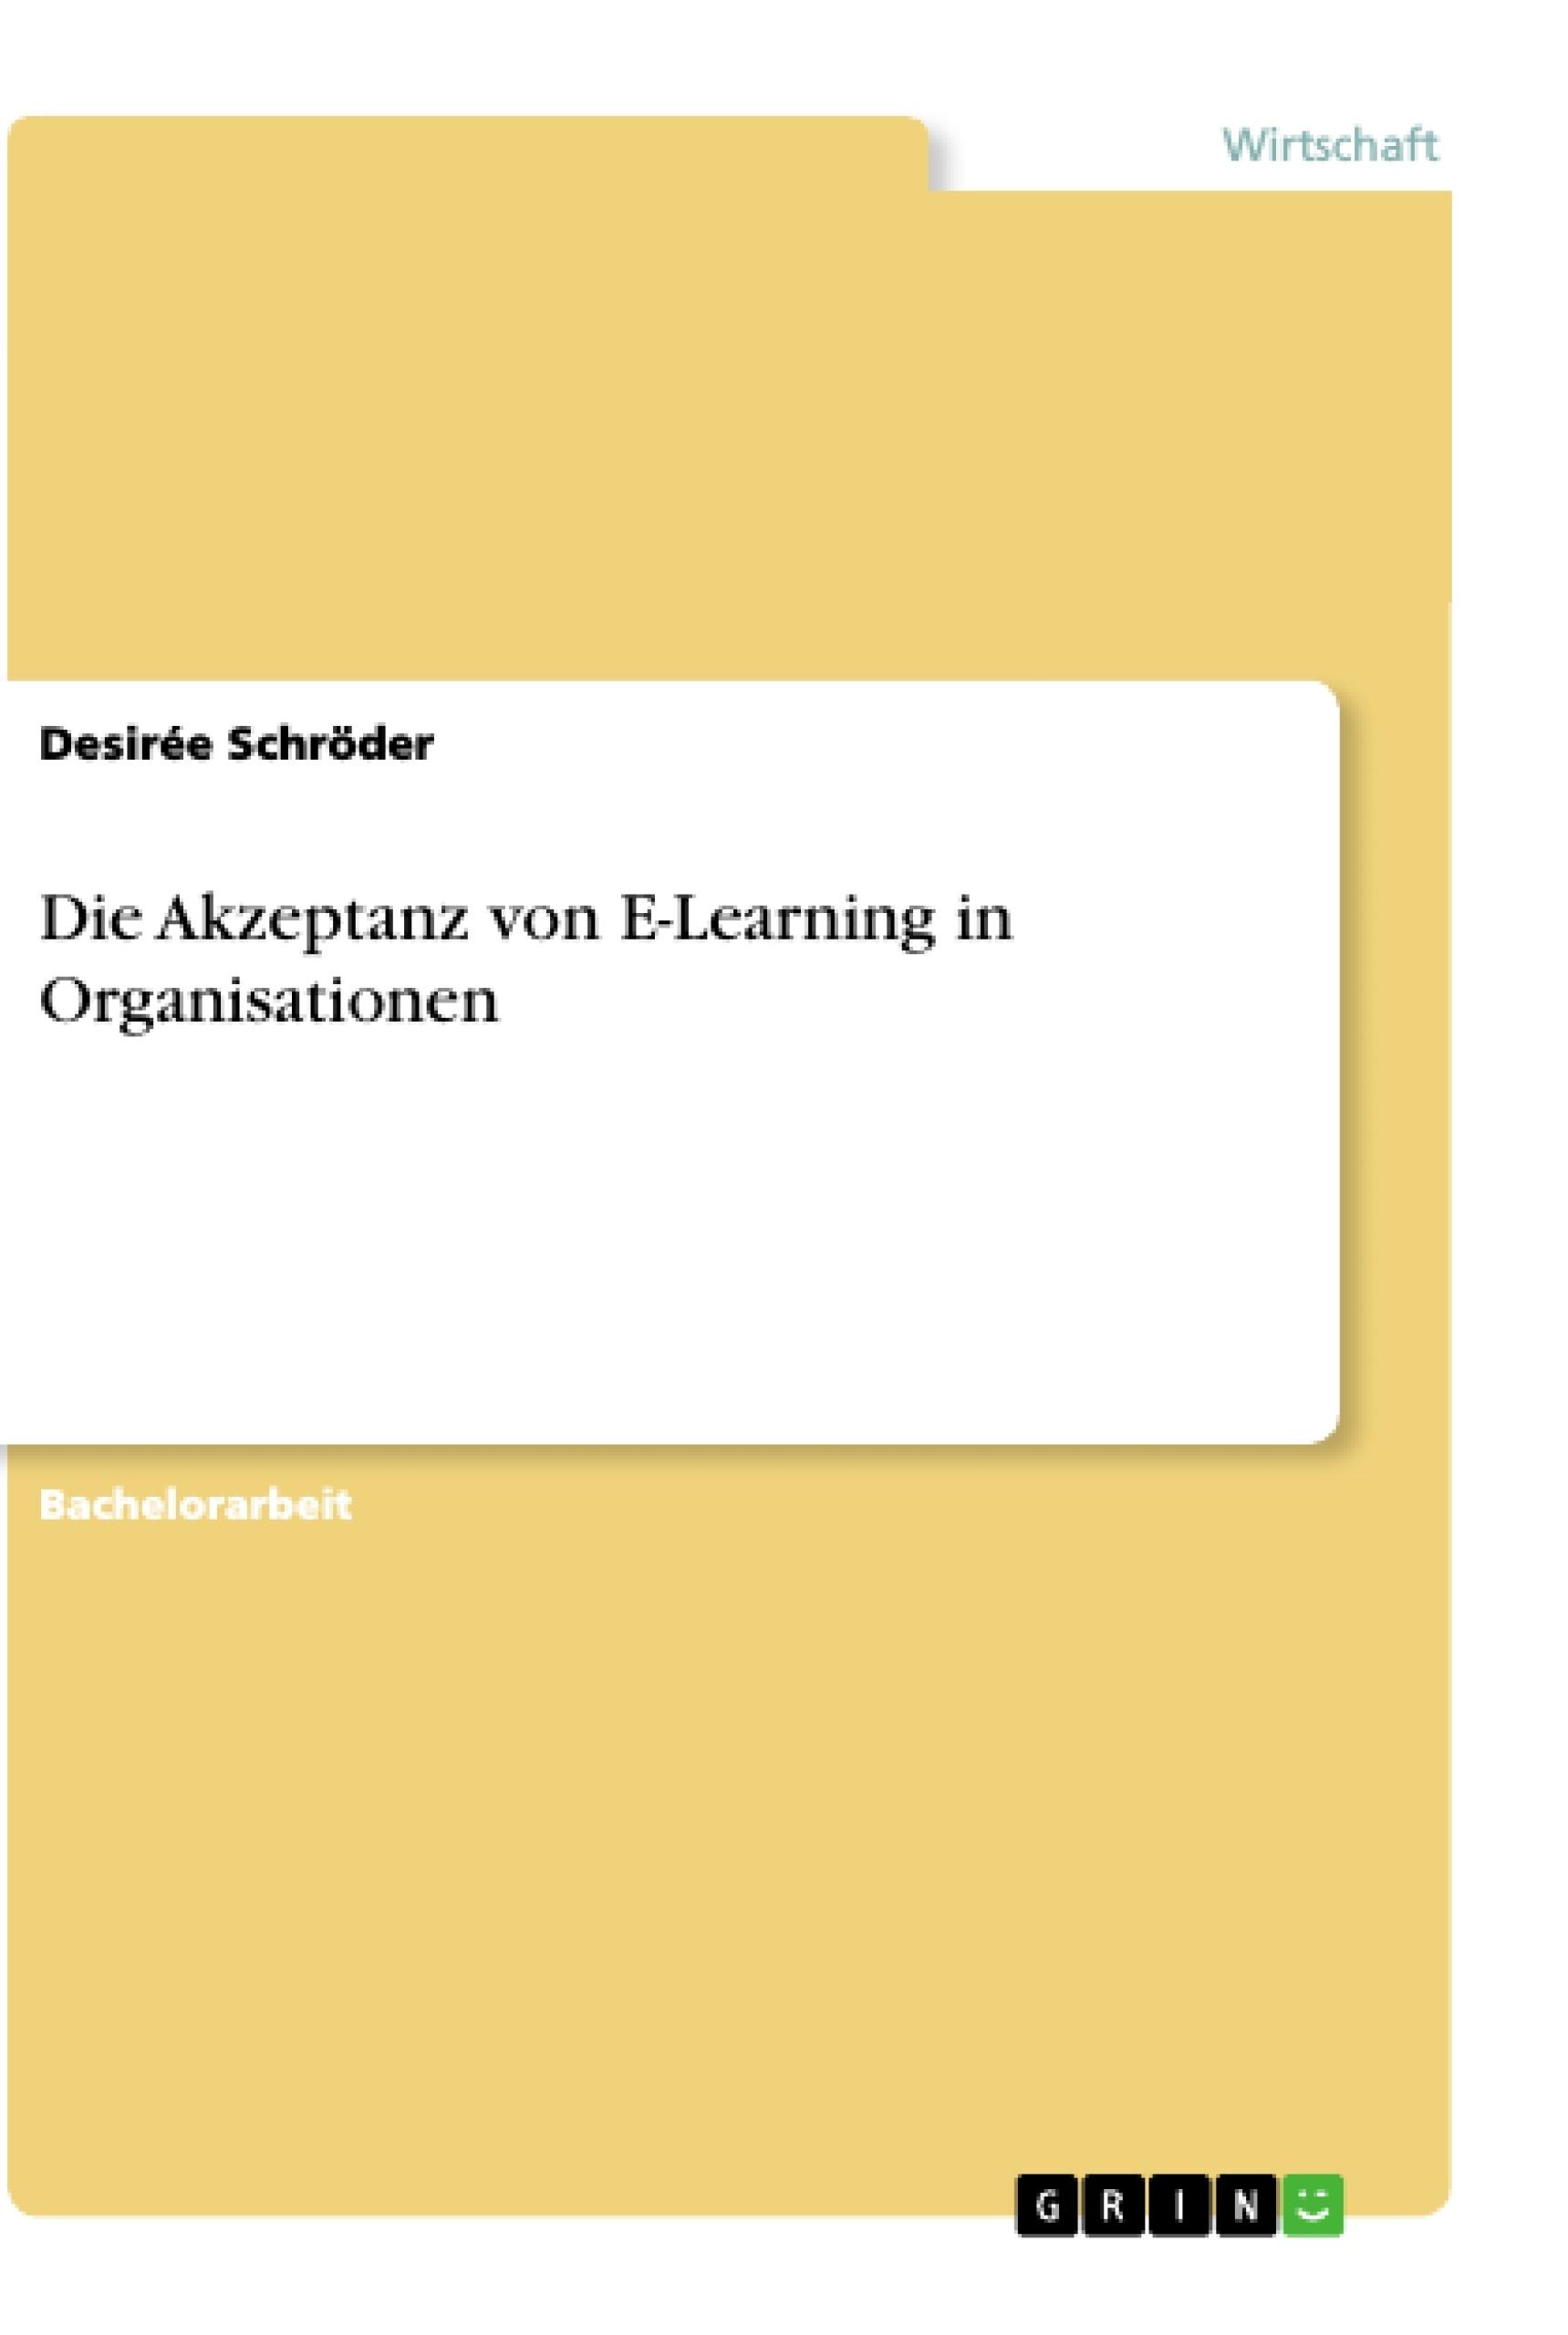 Titel: Die Akzeptanz von E-Learning in Organisationen